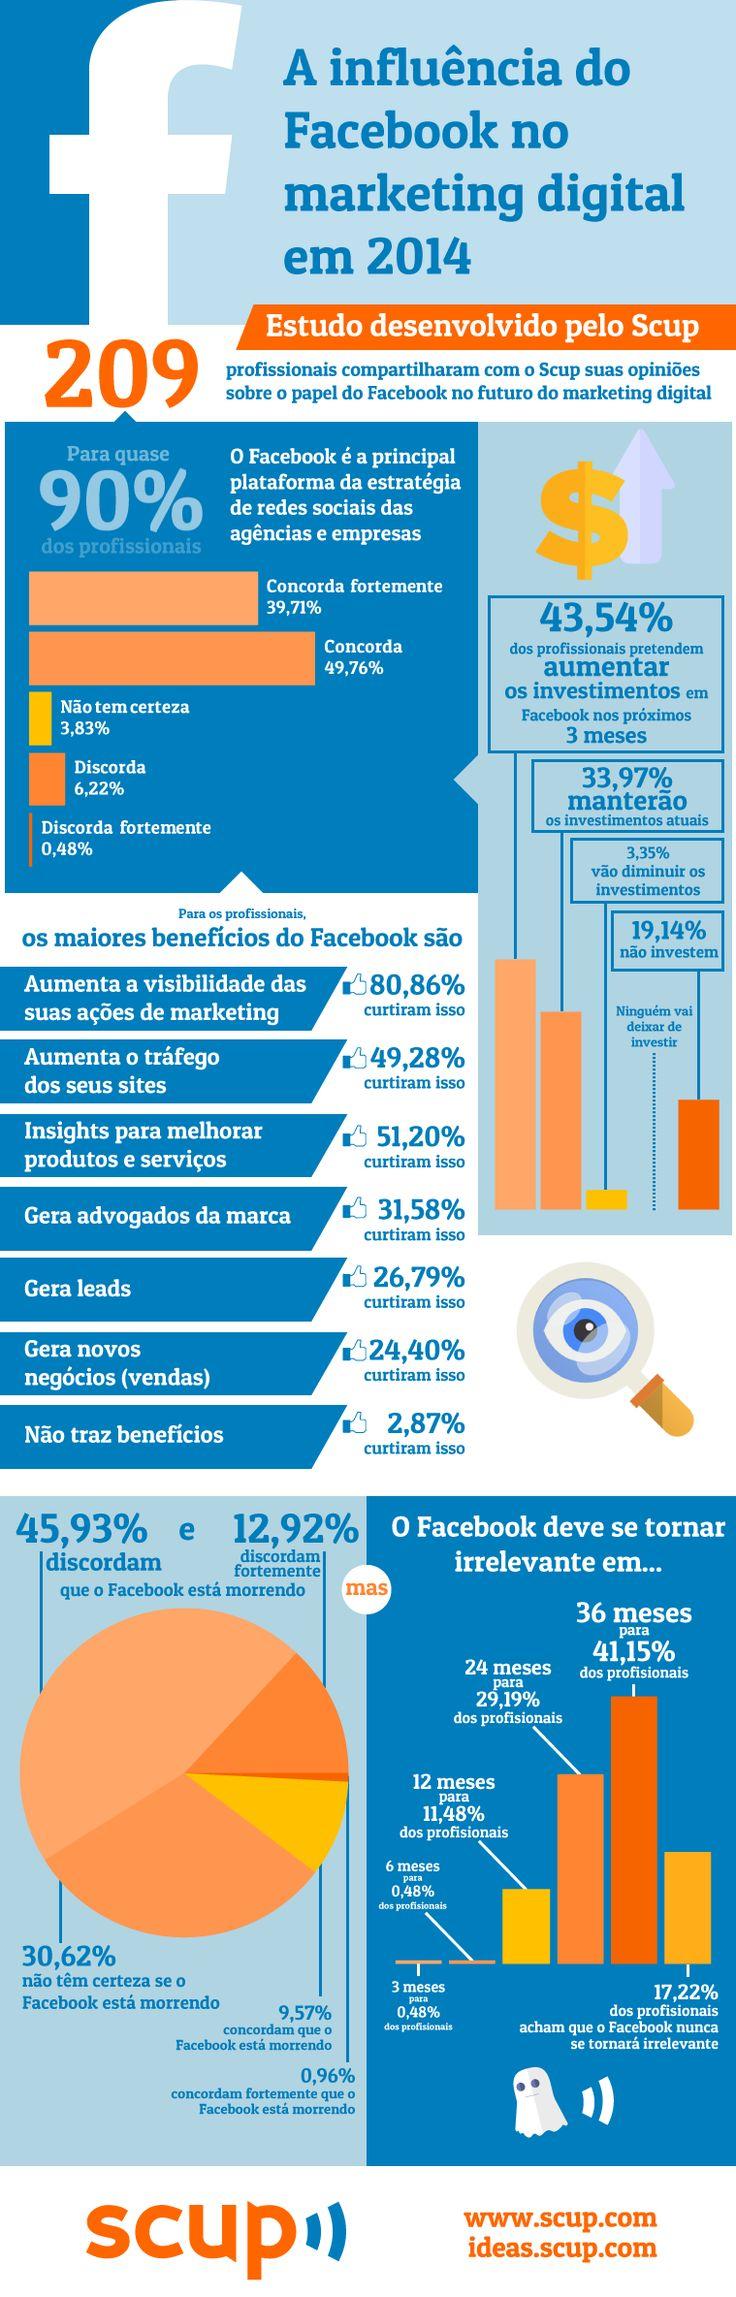 A influência do Facebook no Marketing Digital em 2014 [infografico]